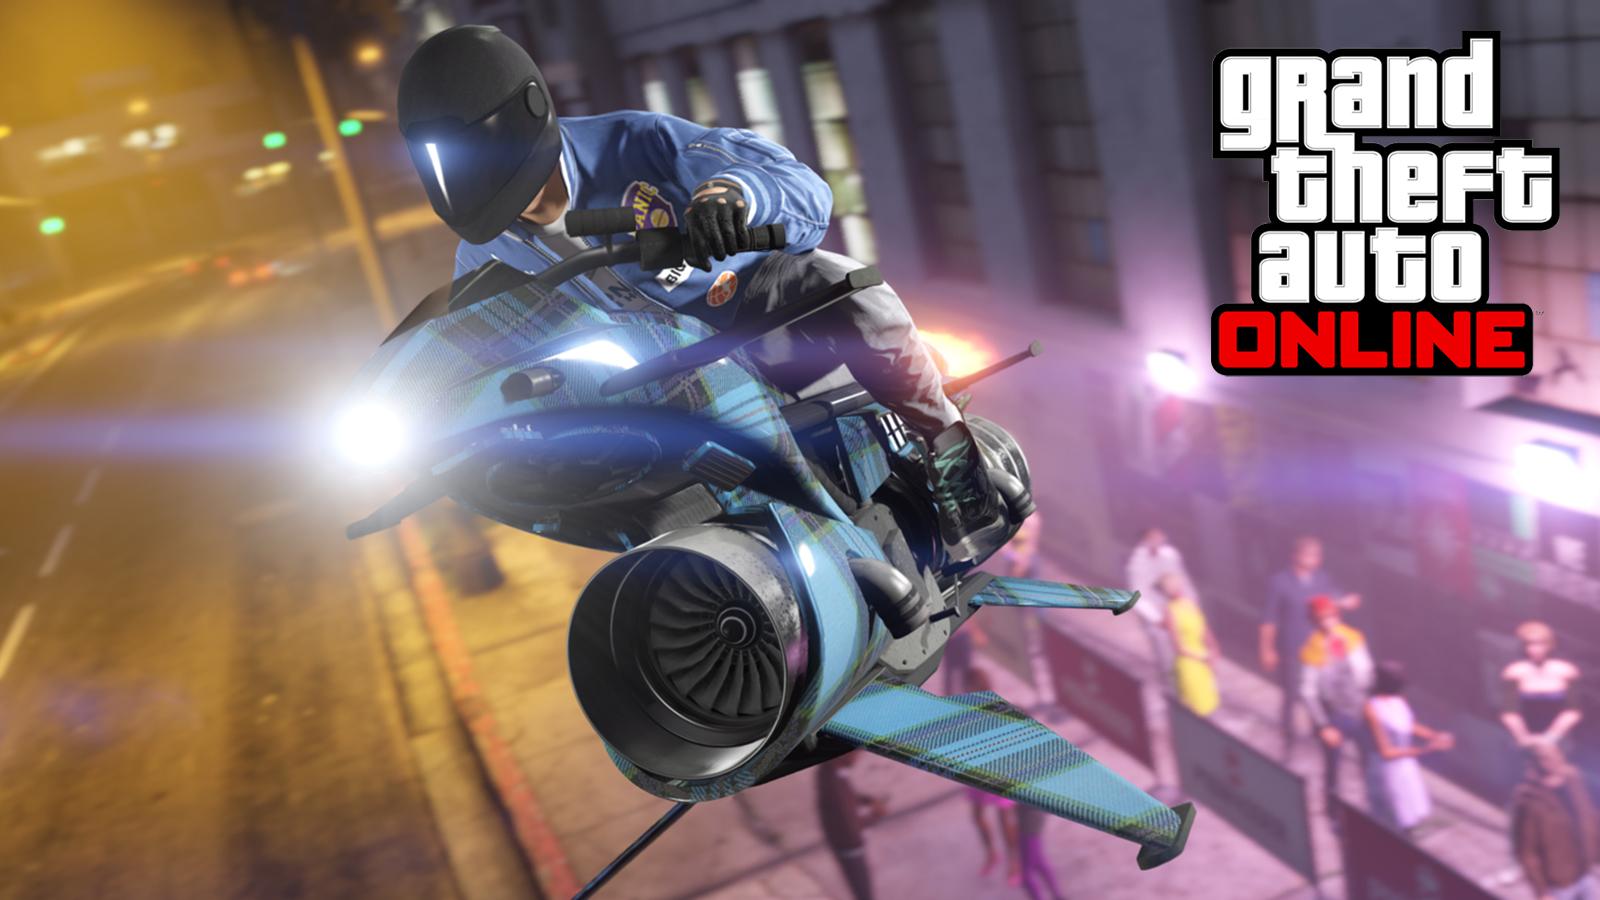 GTA Online MK2 Oppressor